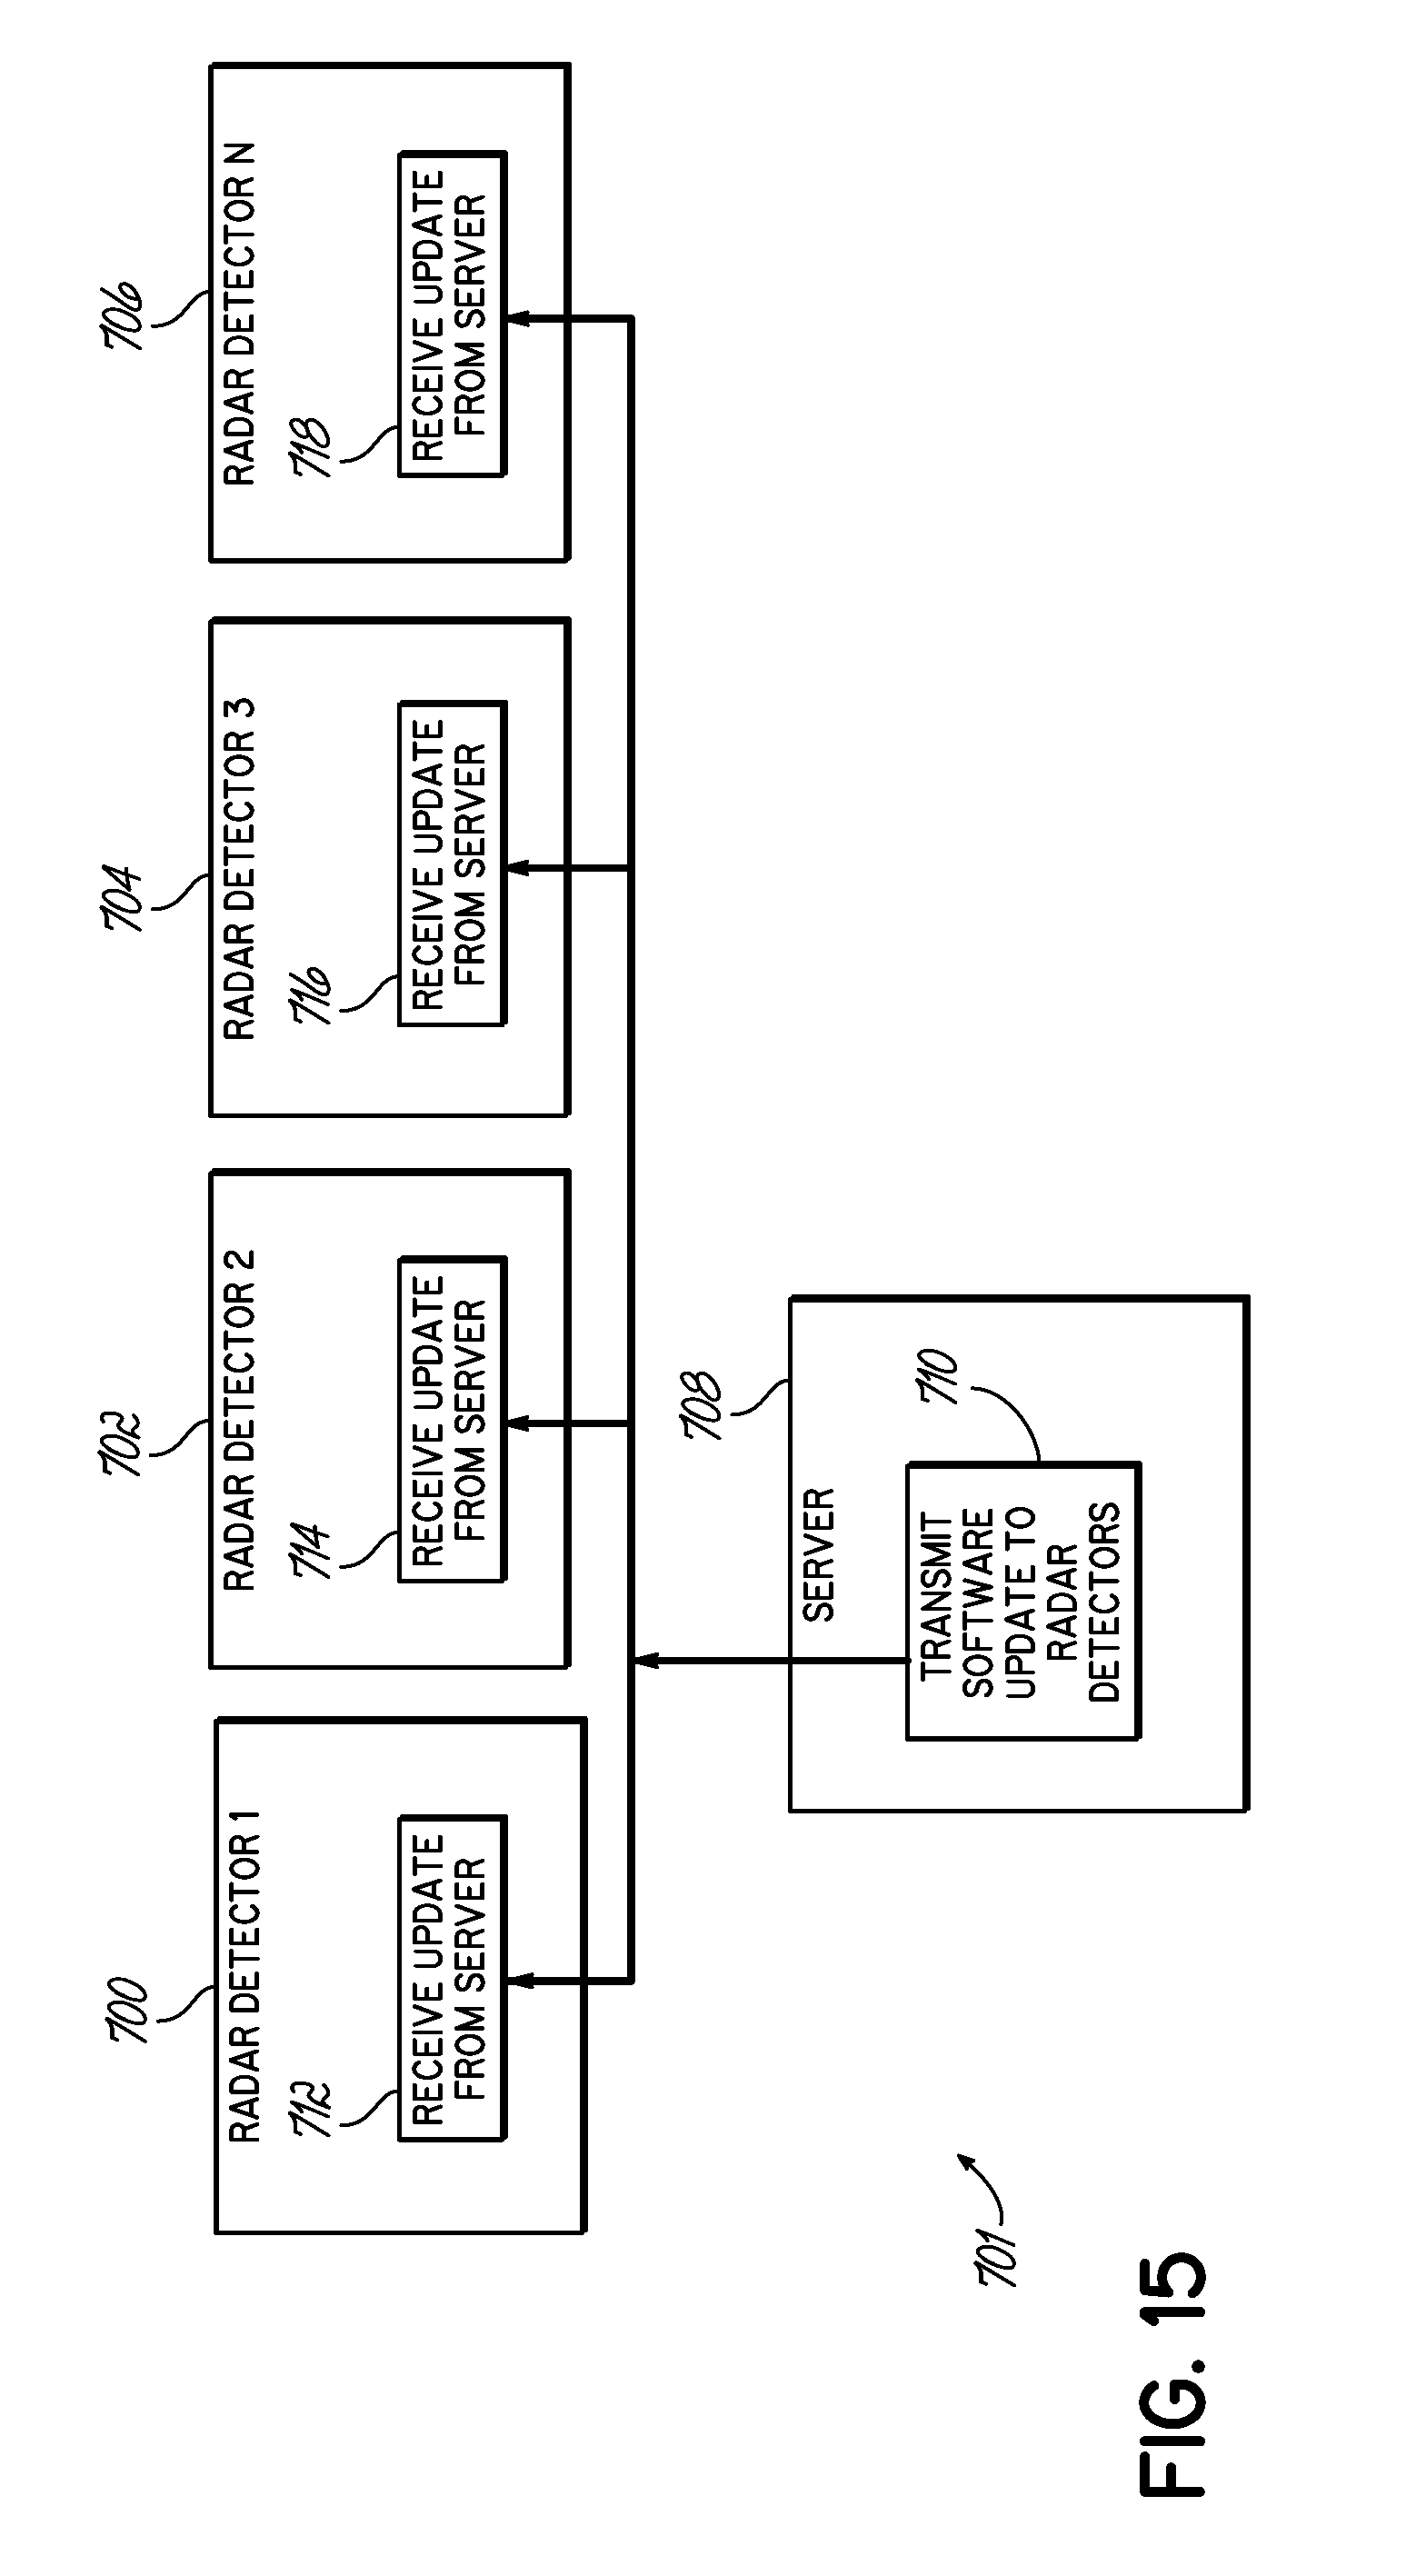 patent us20100214149